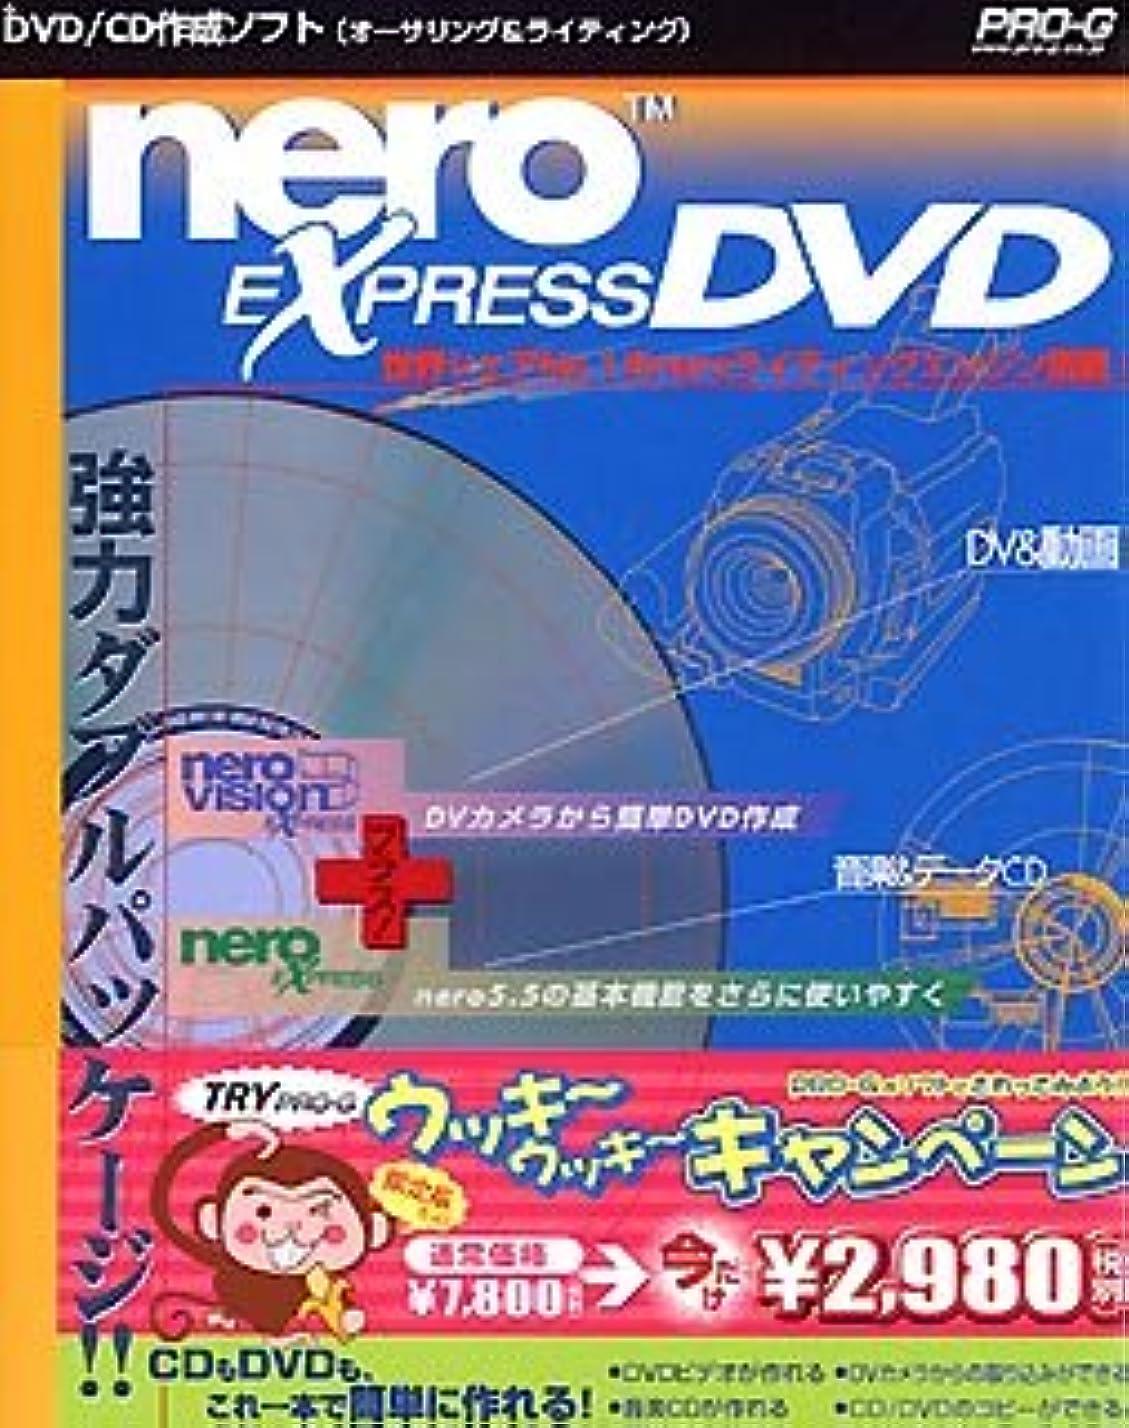 nero Express DVD キャンペーン版